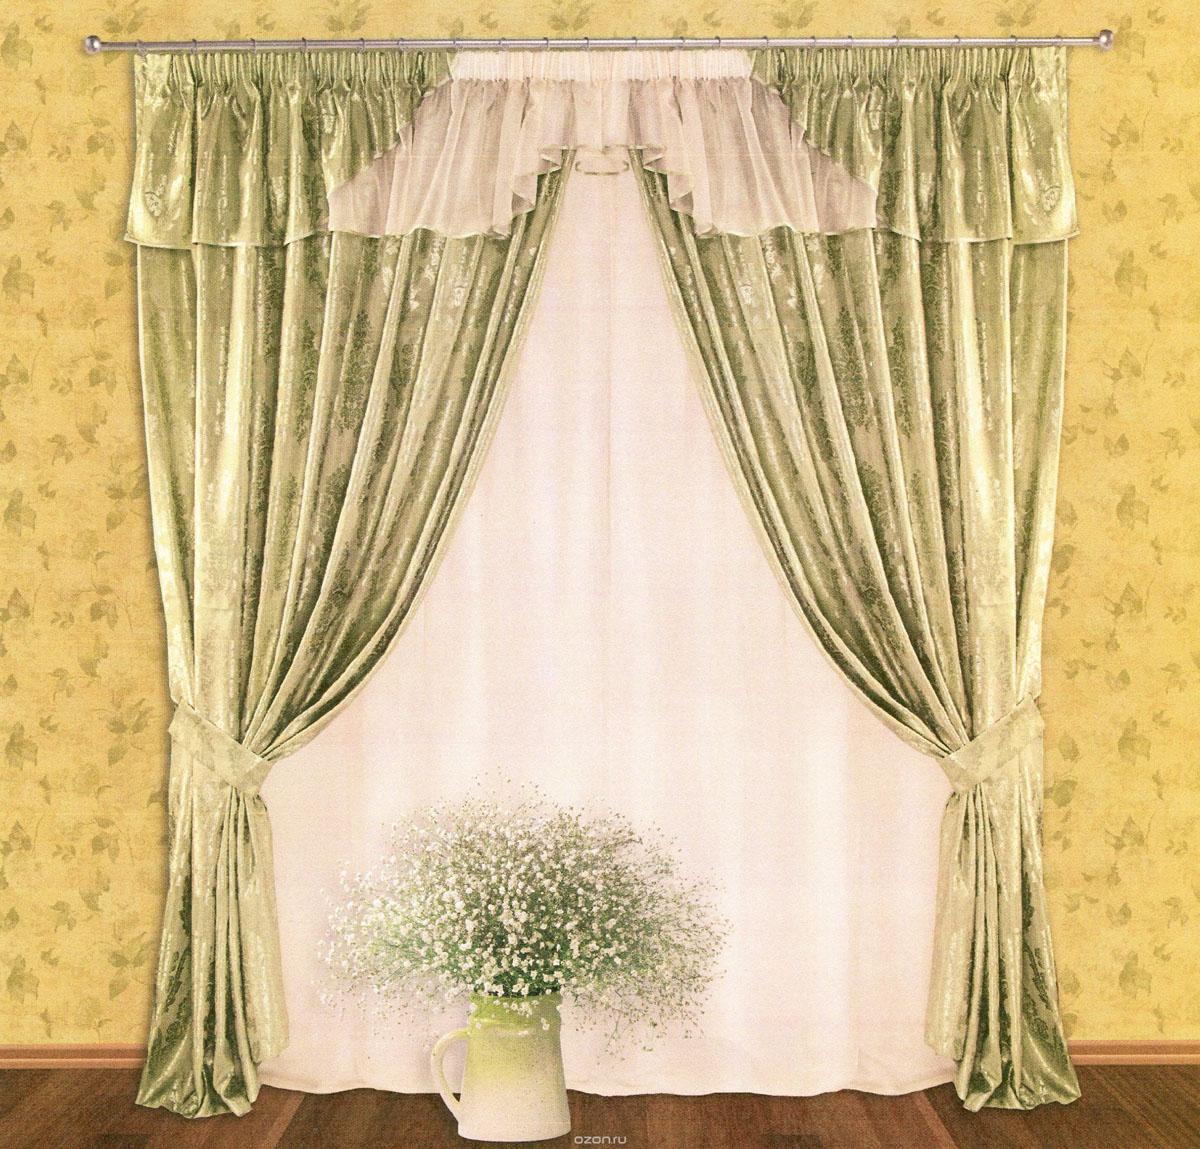 Комплект штор Zlata Korunka, на ленте, цвет: зеленый, высота 250 см. 5550455504Роскошный комплект штор Zlata Korunka, выполненный из сатина, жаккарда и вуали (100% полиэстера), великолепно украсит любое окно. Комплект состоит из двух портьер, тюля, ламбрекена и двух подхватов. Сочетание плотной и полупрозрачной тонкой ткани, оригинальный орнамент и приятная, приглушенная гамма привлекут к себе внимание и органично впишутся в интерьер помещения. Комплект крепится на карниз при помощи шторной ленты, которая поможет красиво и равномерно задрапировать верх. Портьеры можно зафиксировать в одном положении с помощью двух подхватов. Этот комплект будет долгое время радовать вас и вашу семью! В комплект входит: Портьера: 2 шт. Размер (ШхВ): 200 см х 250 см. Тюль: 1 шт. Размер (ШхВ): 400 см х 250 см. Ламбрекен: 1 шт. Размер (ШхВ): 450 см х 50 см. Подхват: 2 шт. Размер (ШхВ): 60 см х 10 см.